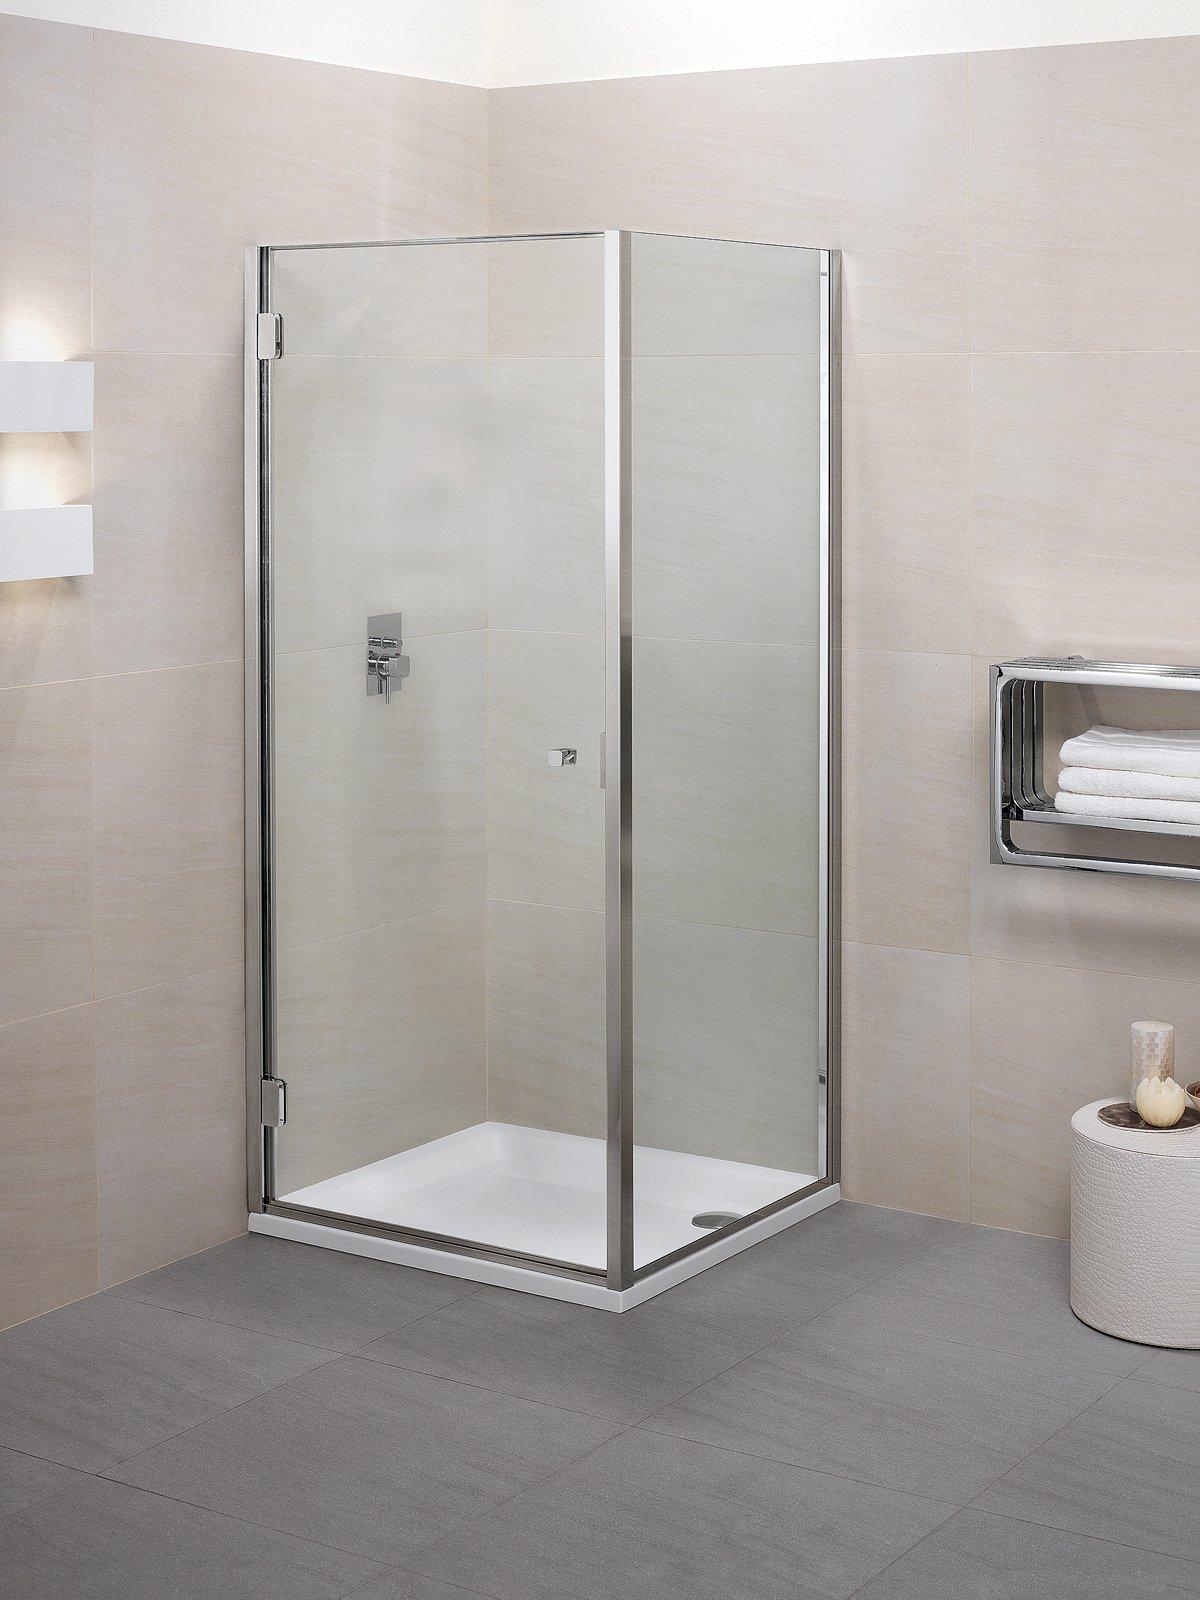 La doccia come scegliere cose di casa for Camminare attraverso la doccia alla vasca